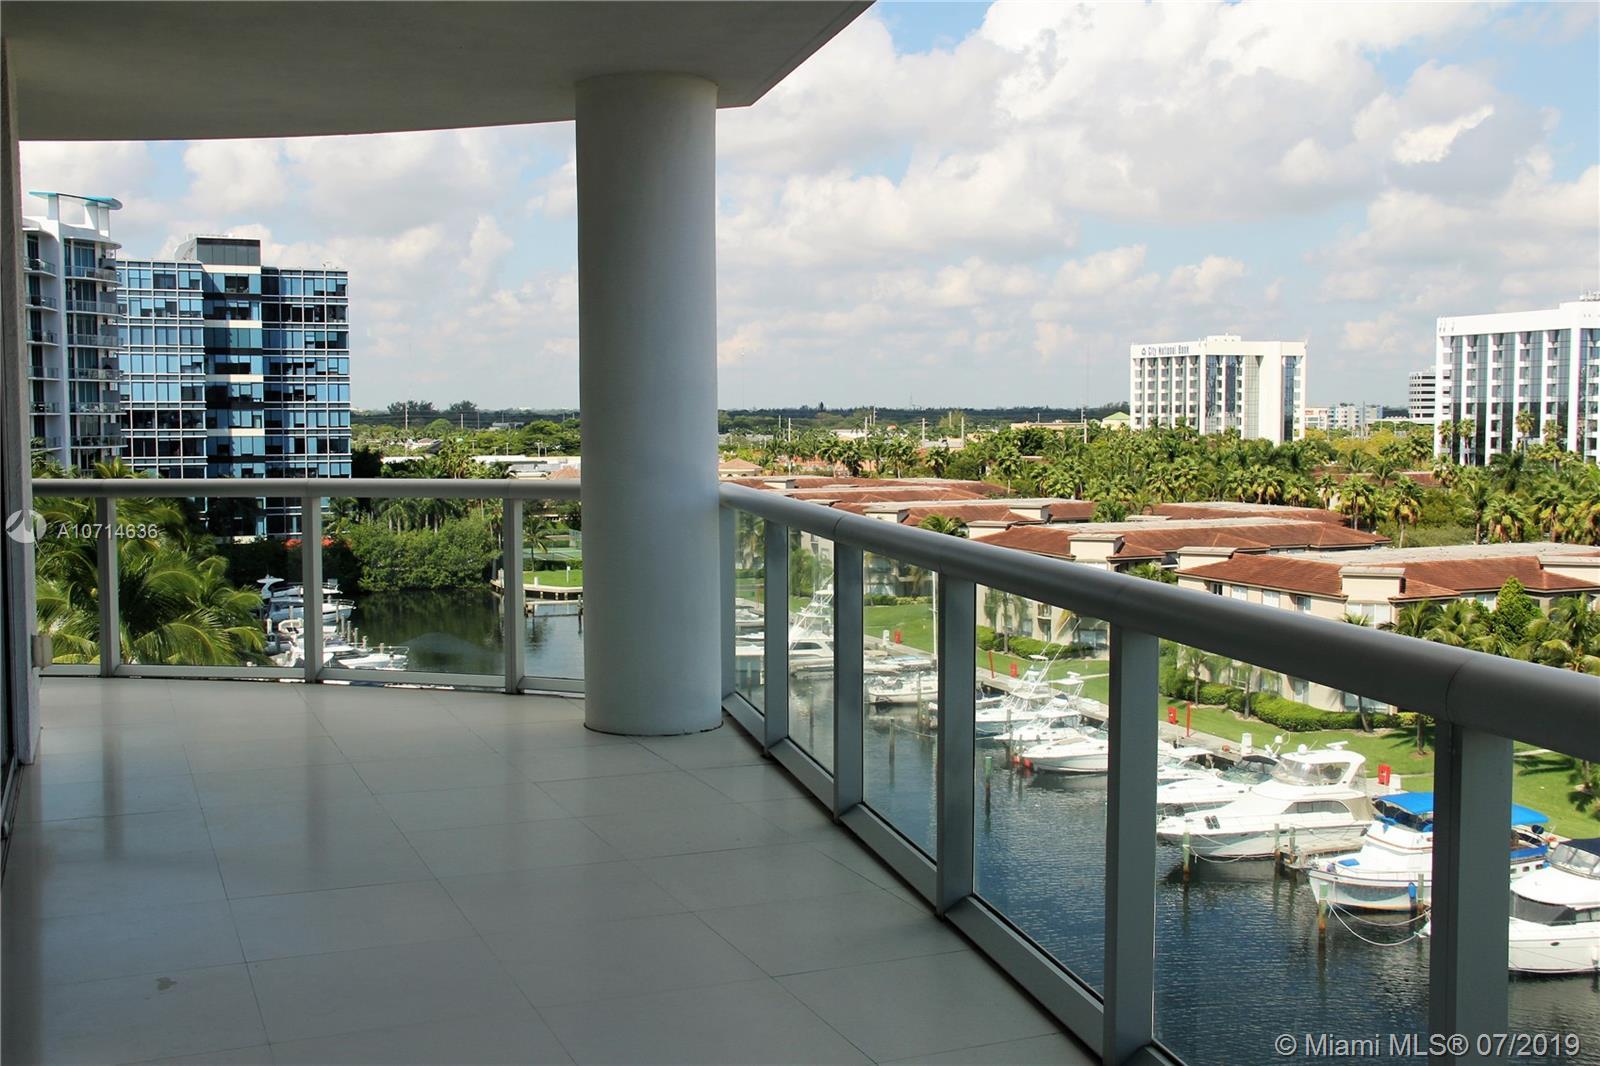 Photo of Atrium Apt 1-802